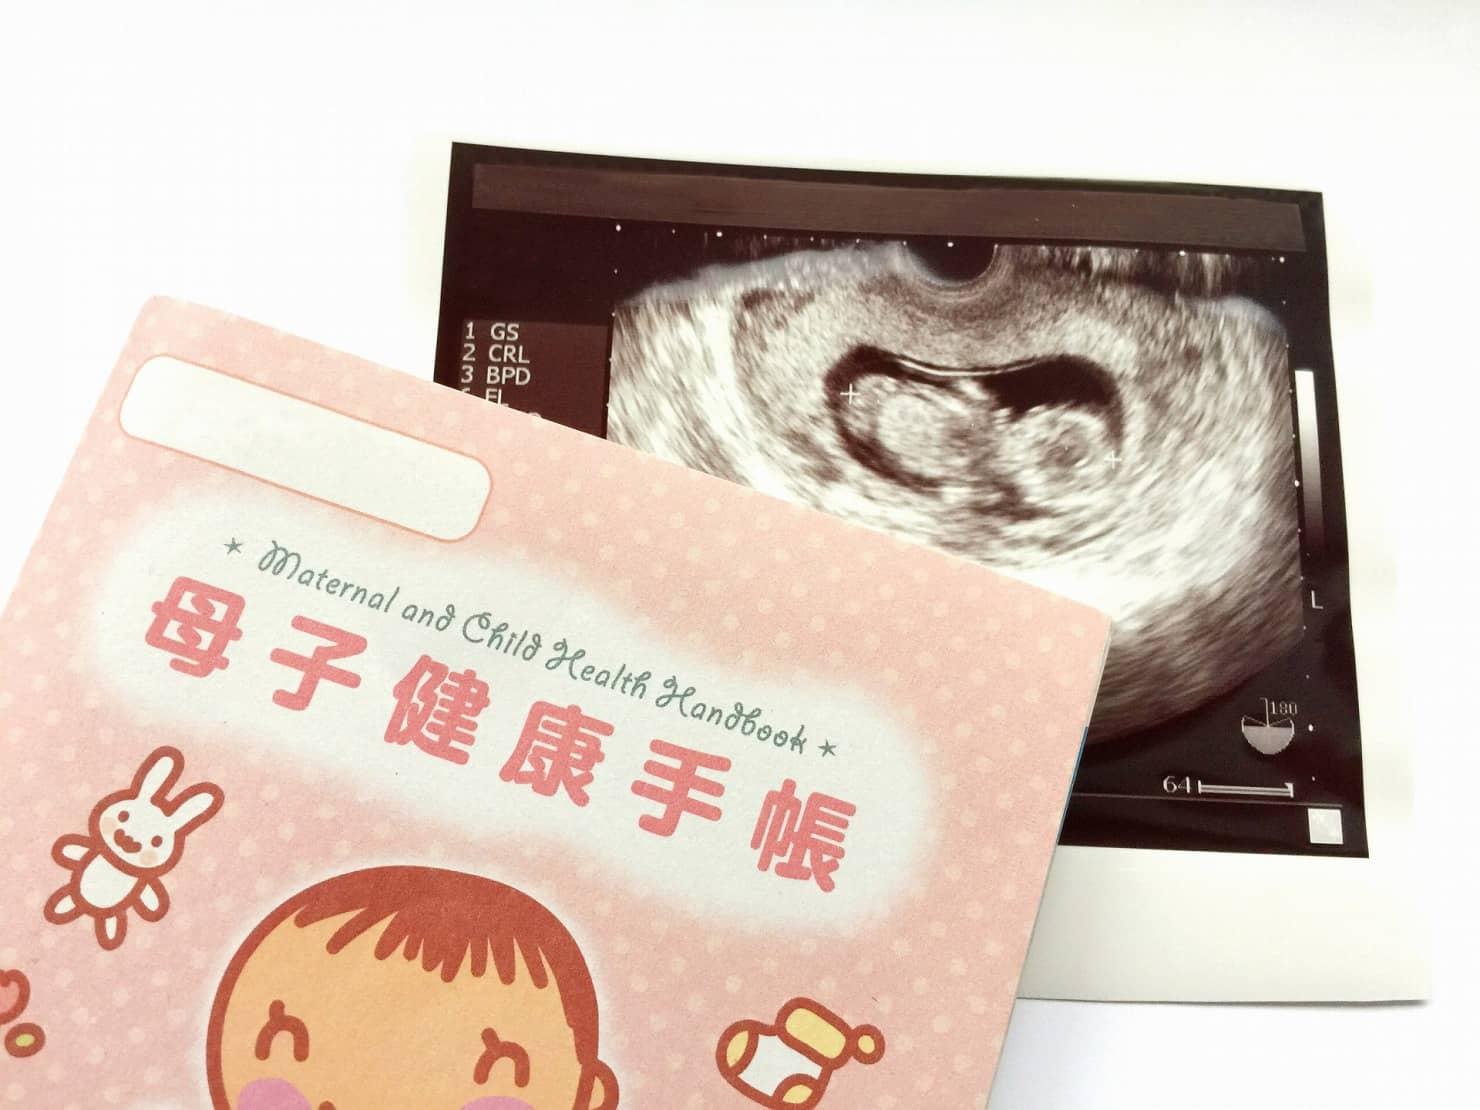 【令和元年分】妊娠・出産や不妊治療費も対象になる? 医療費控除を詳しく解説